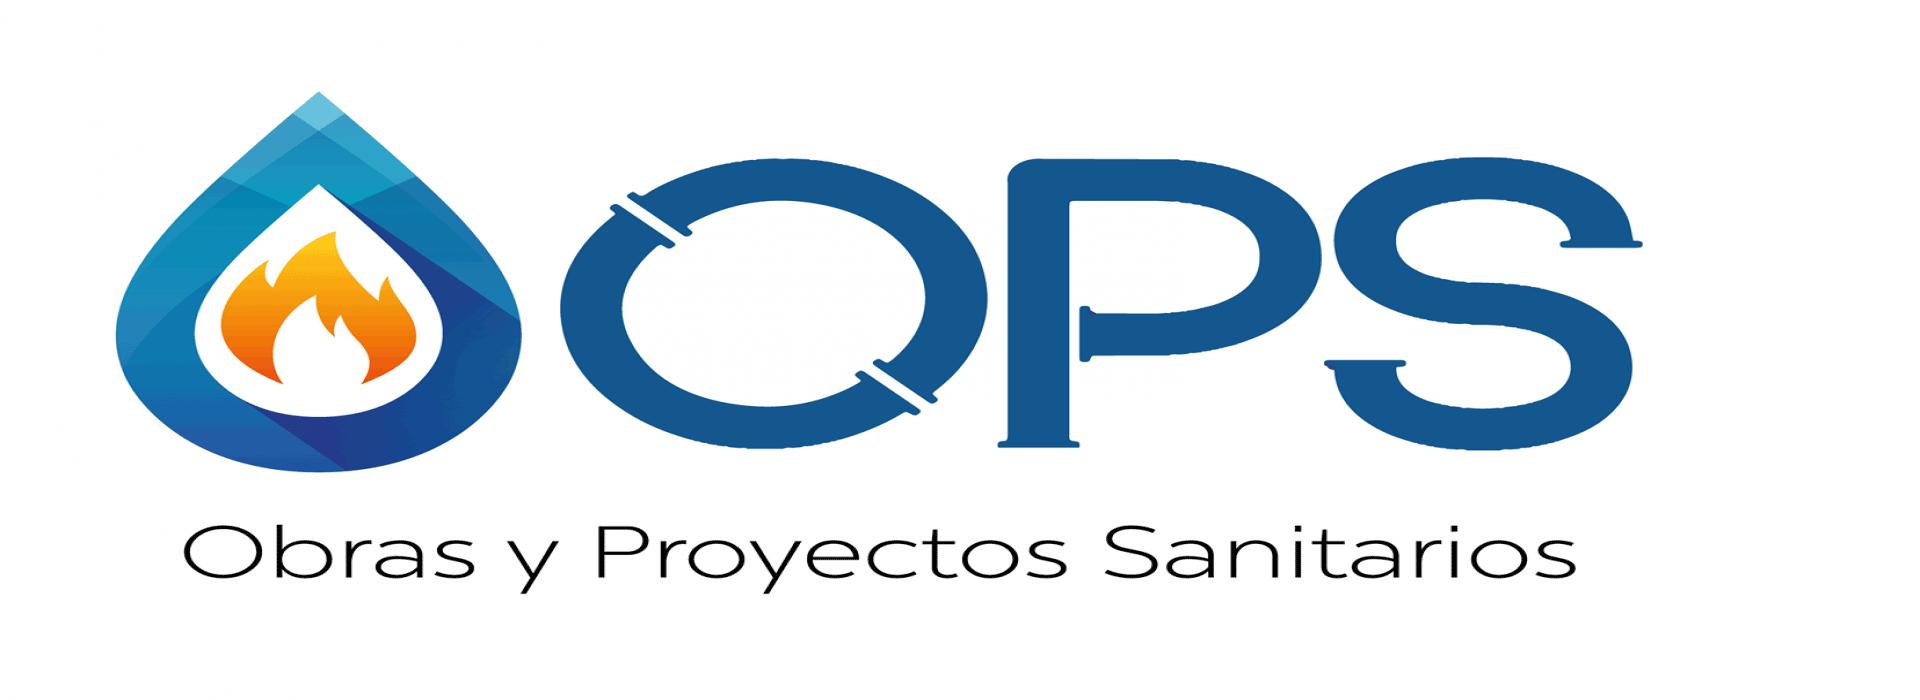 Obras y Proyectos Sanitarios